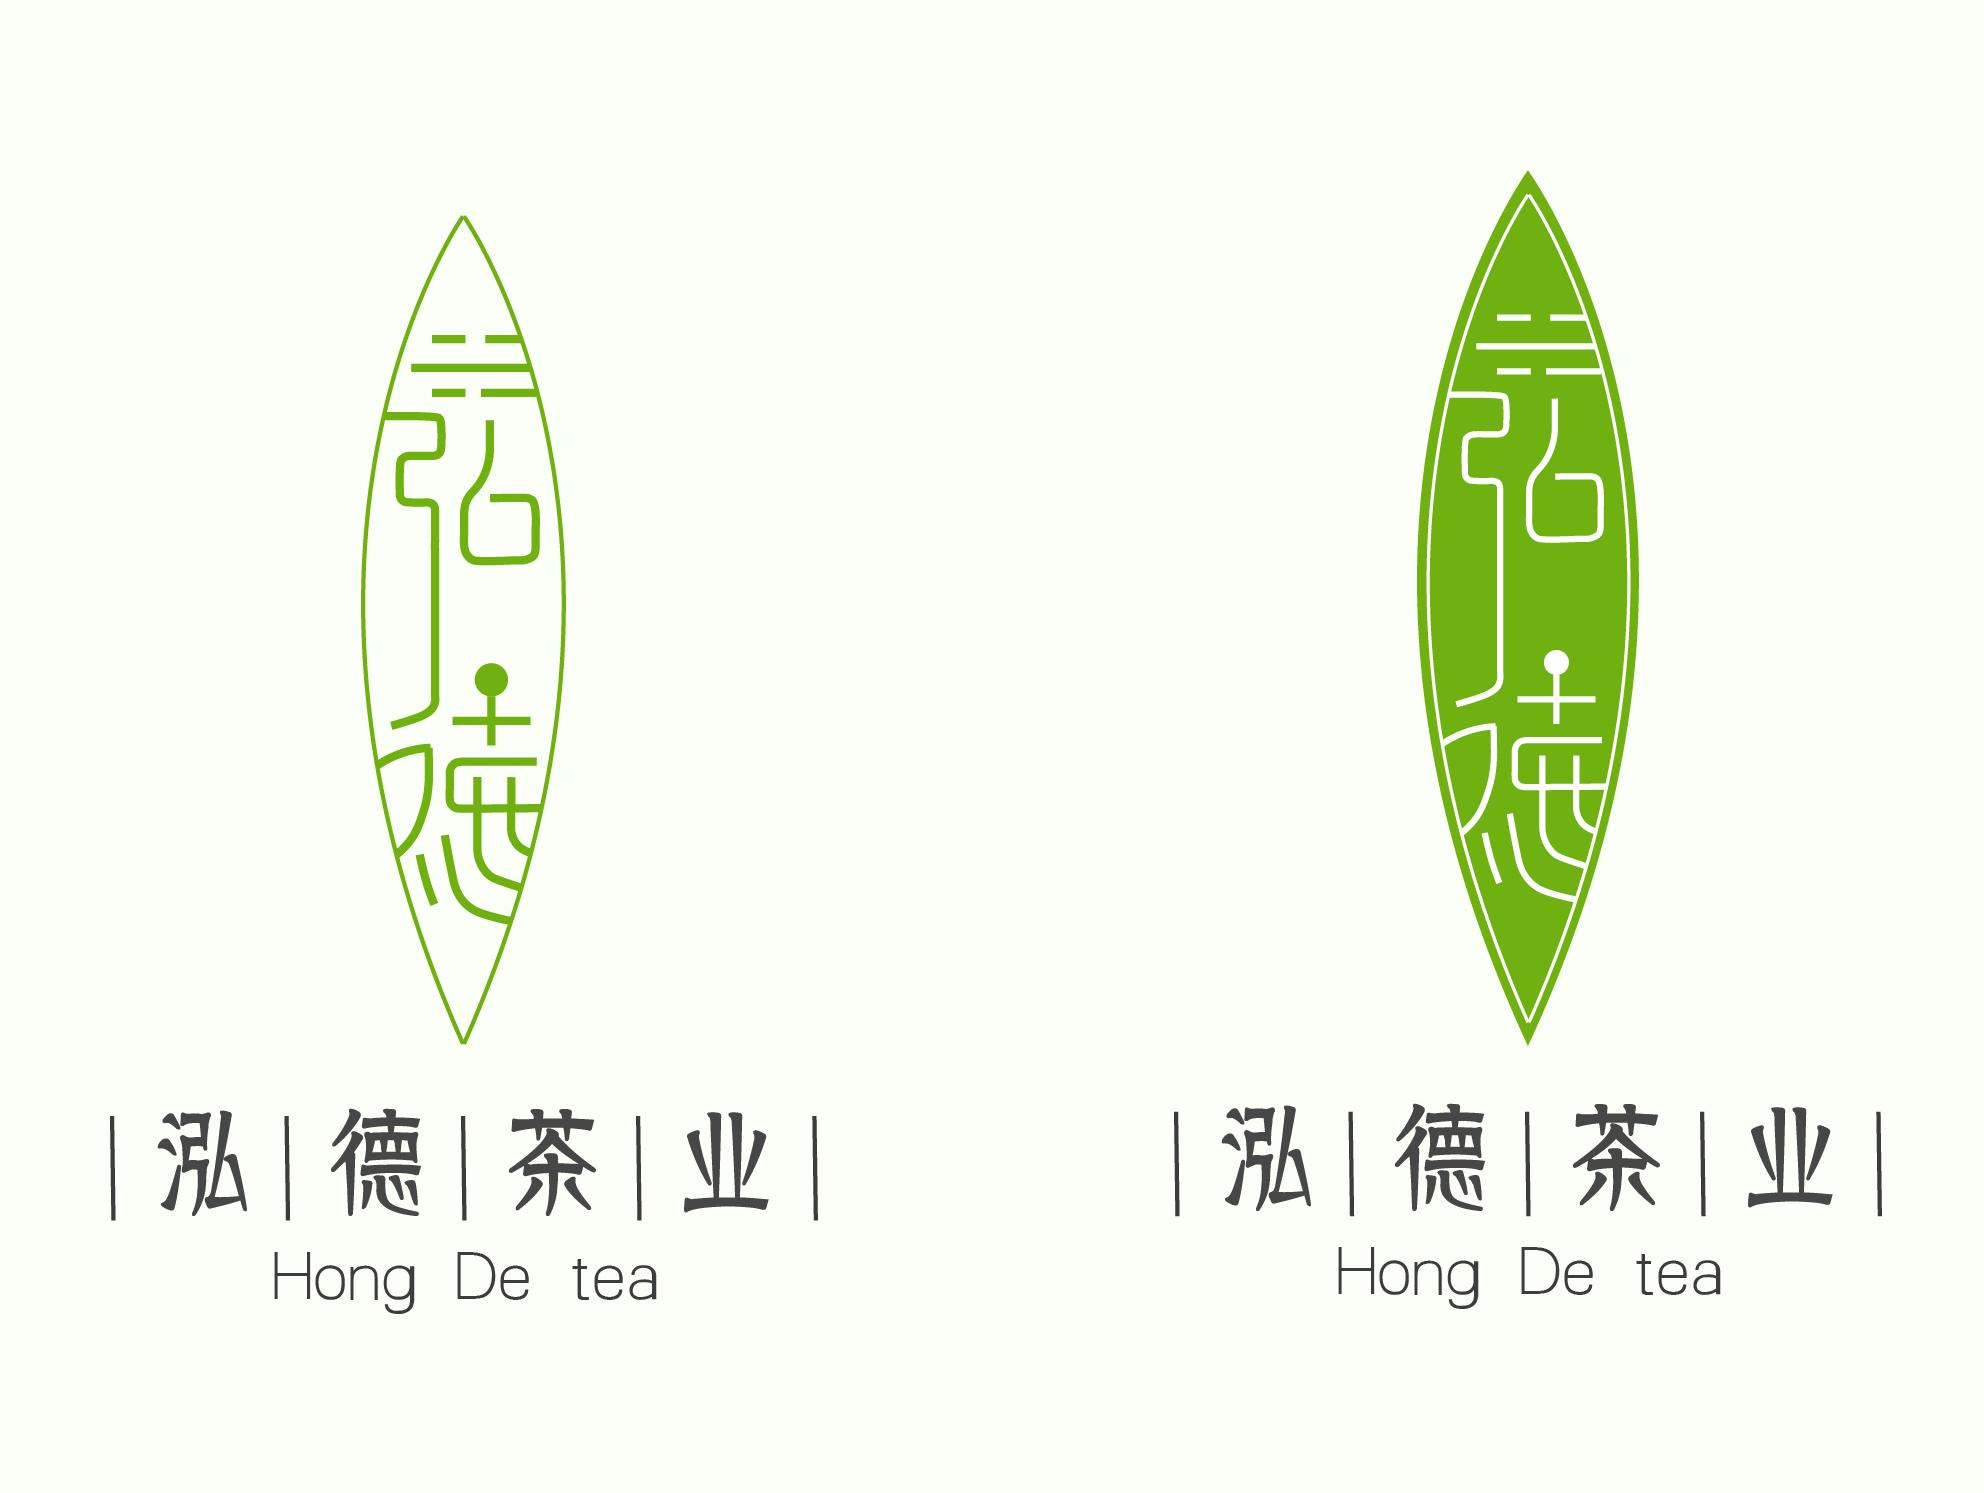 中国风茶叶logo设计图片